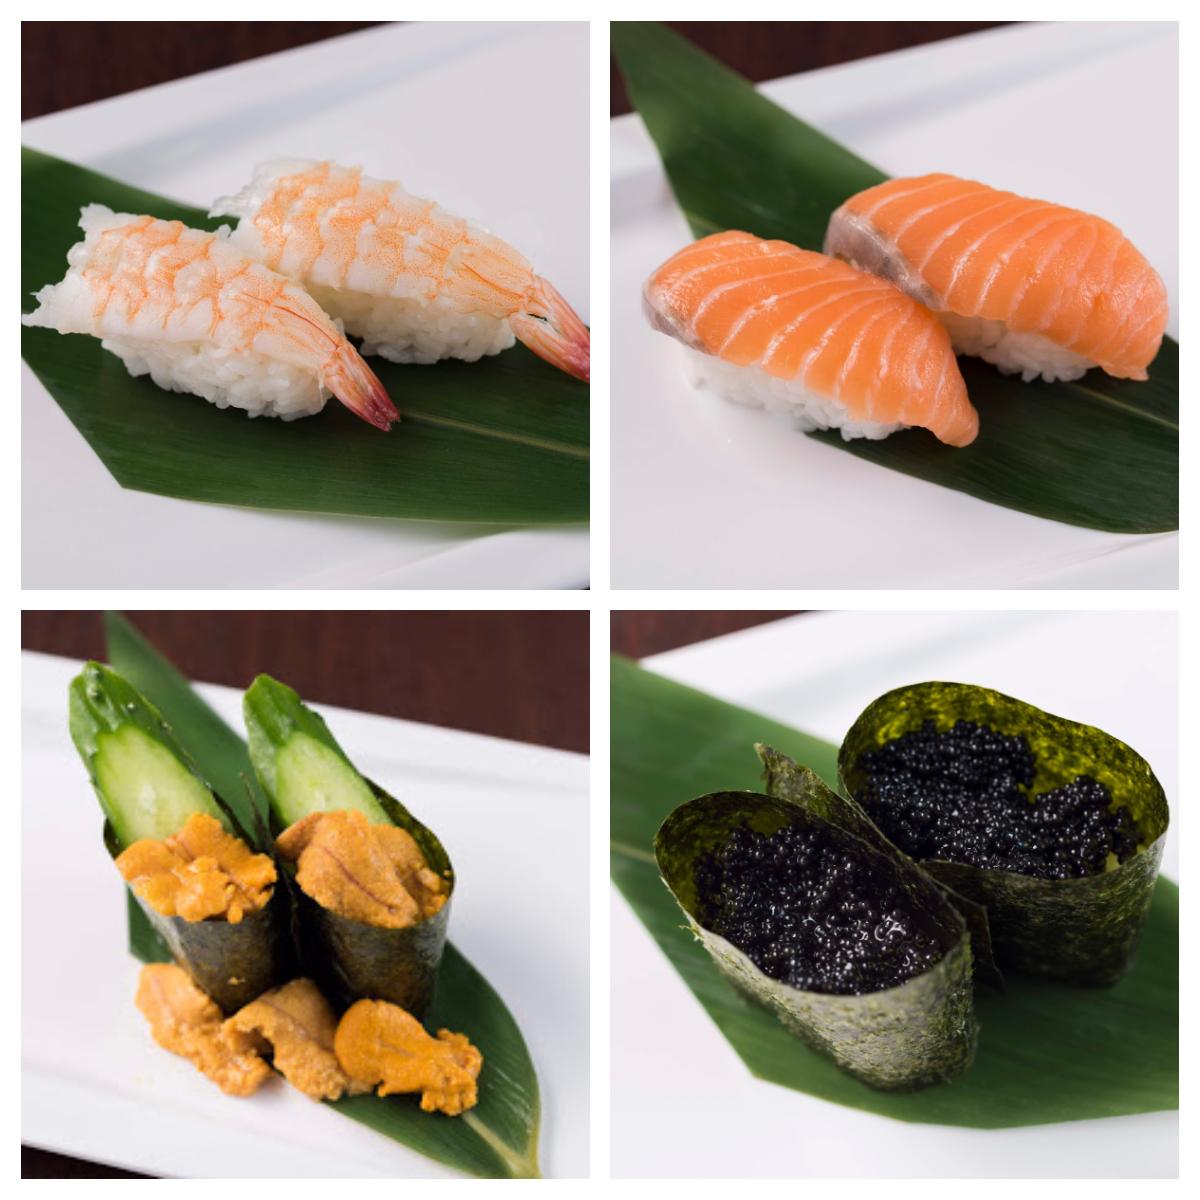 海老寿司/ウニこぼれ寿司/キャビア寿司/サーモン寿司